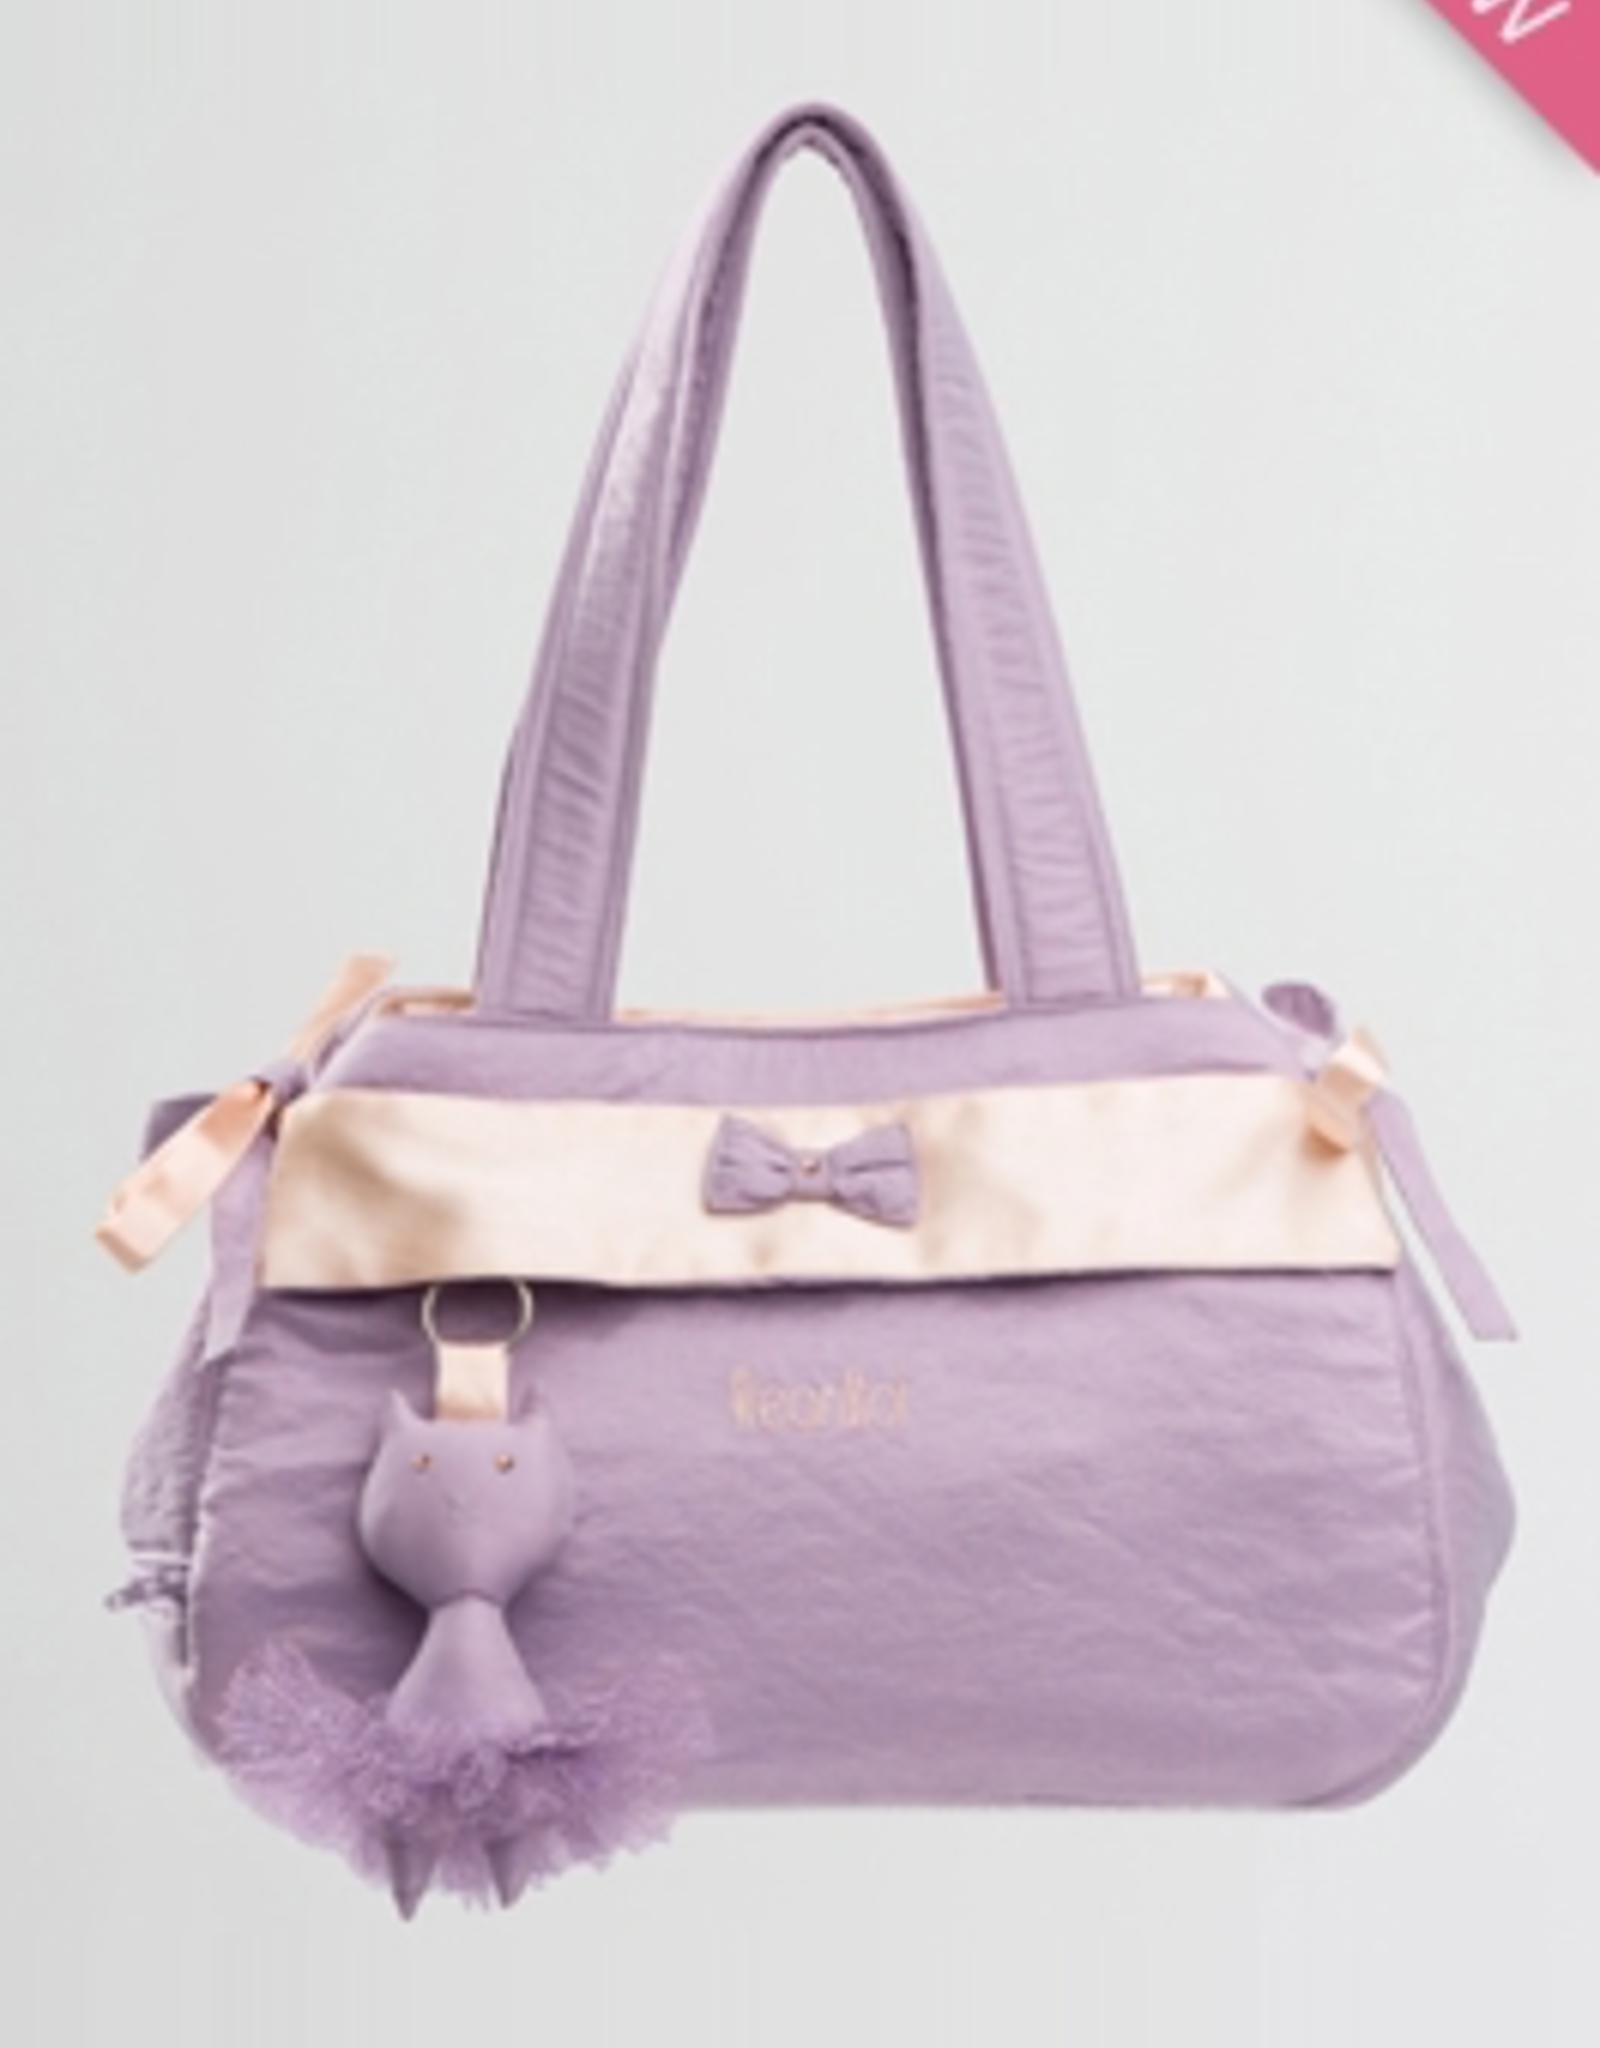 Wear Moi Taffeta Bag